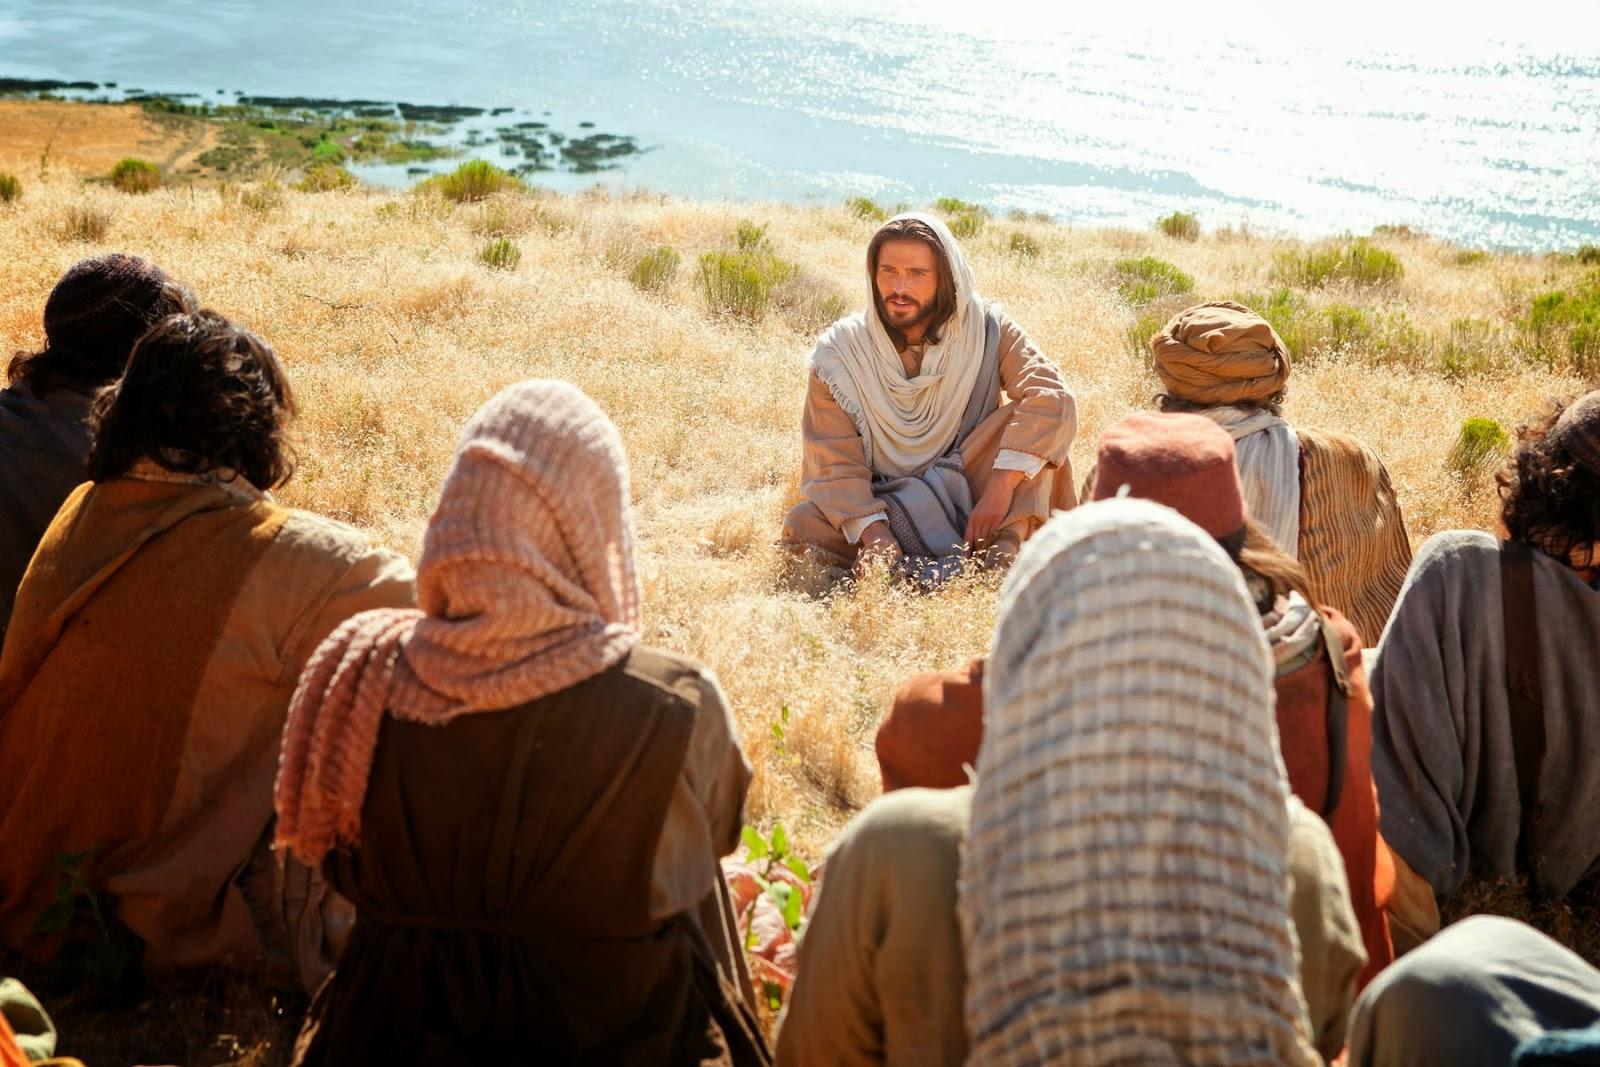 El Sermón del Monte - Devocionales diarios | Devocionales diarios ...